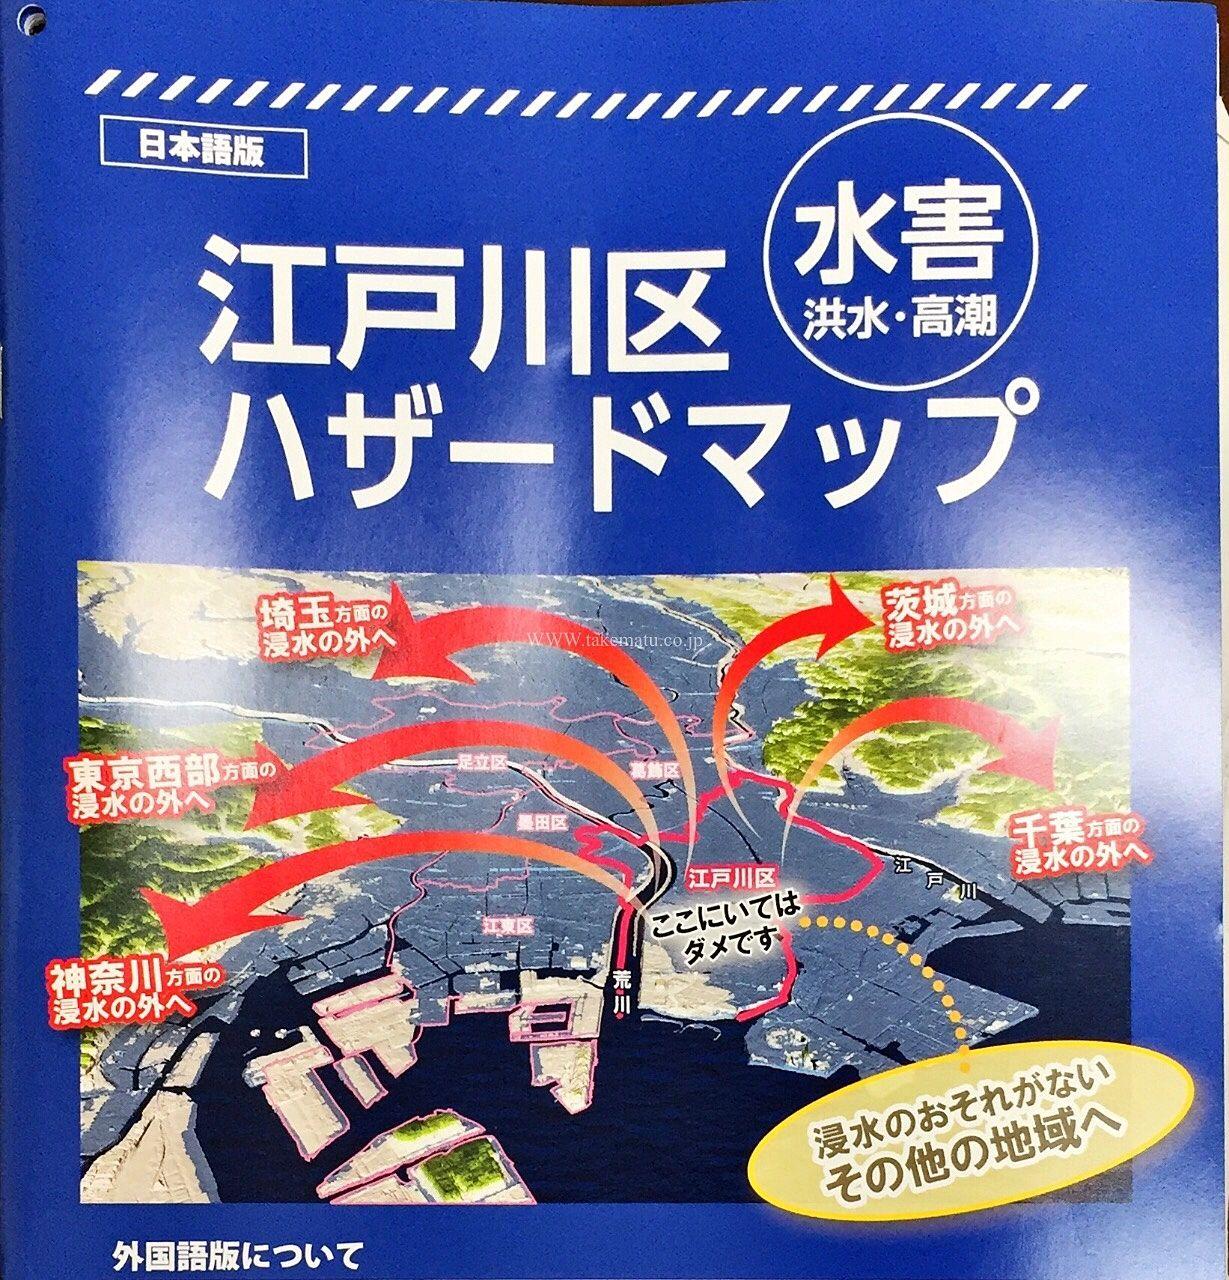 台風19号 ハザードマップが現実に・・・?